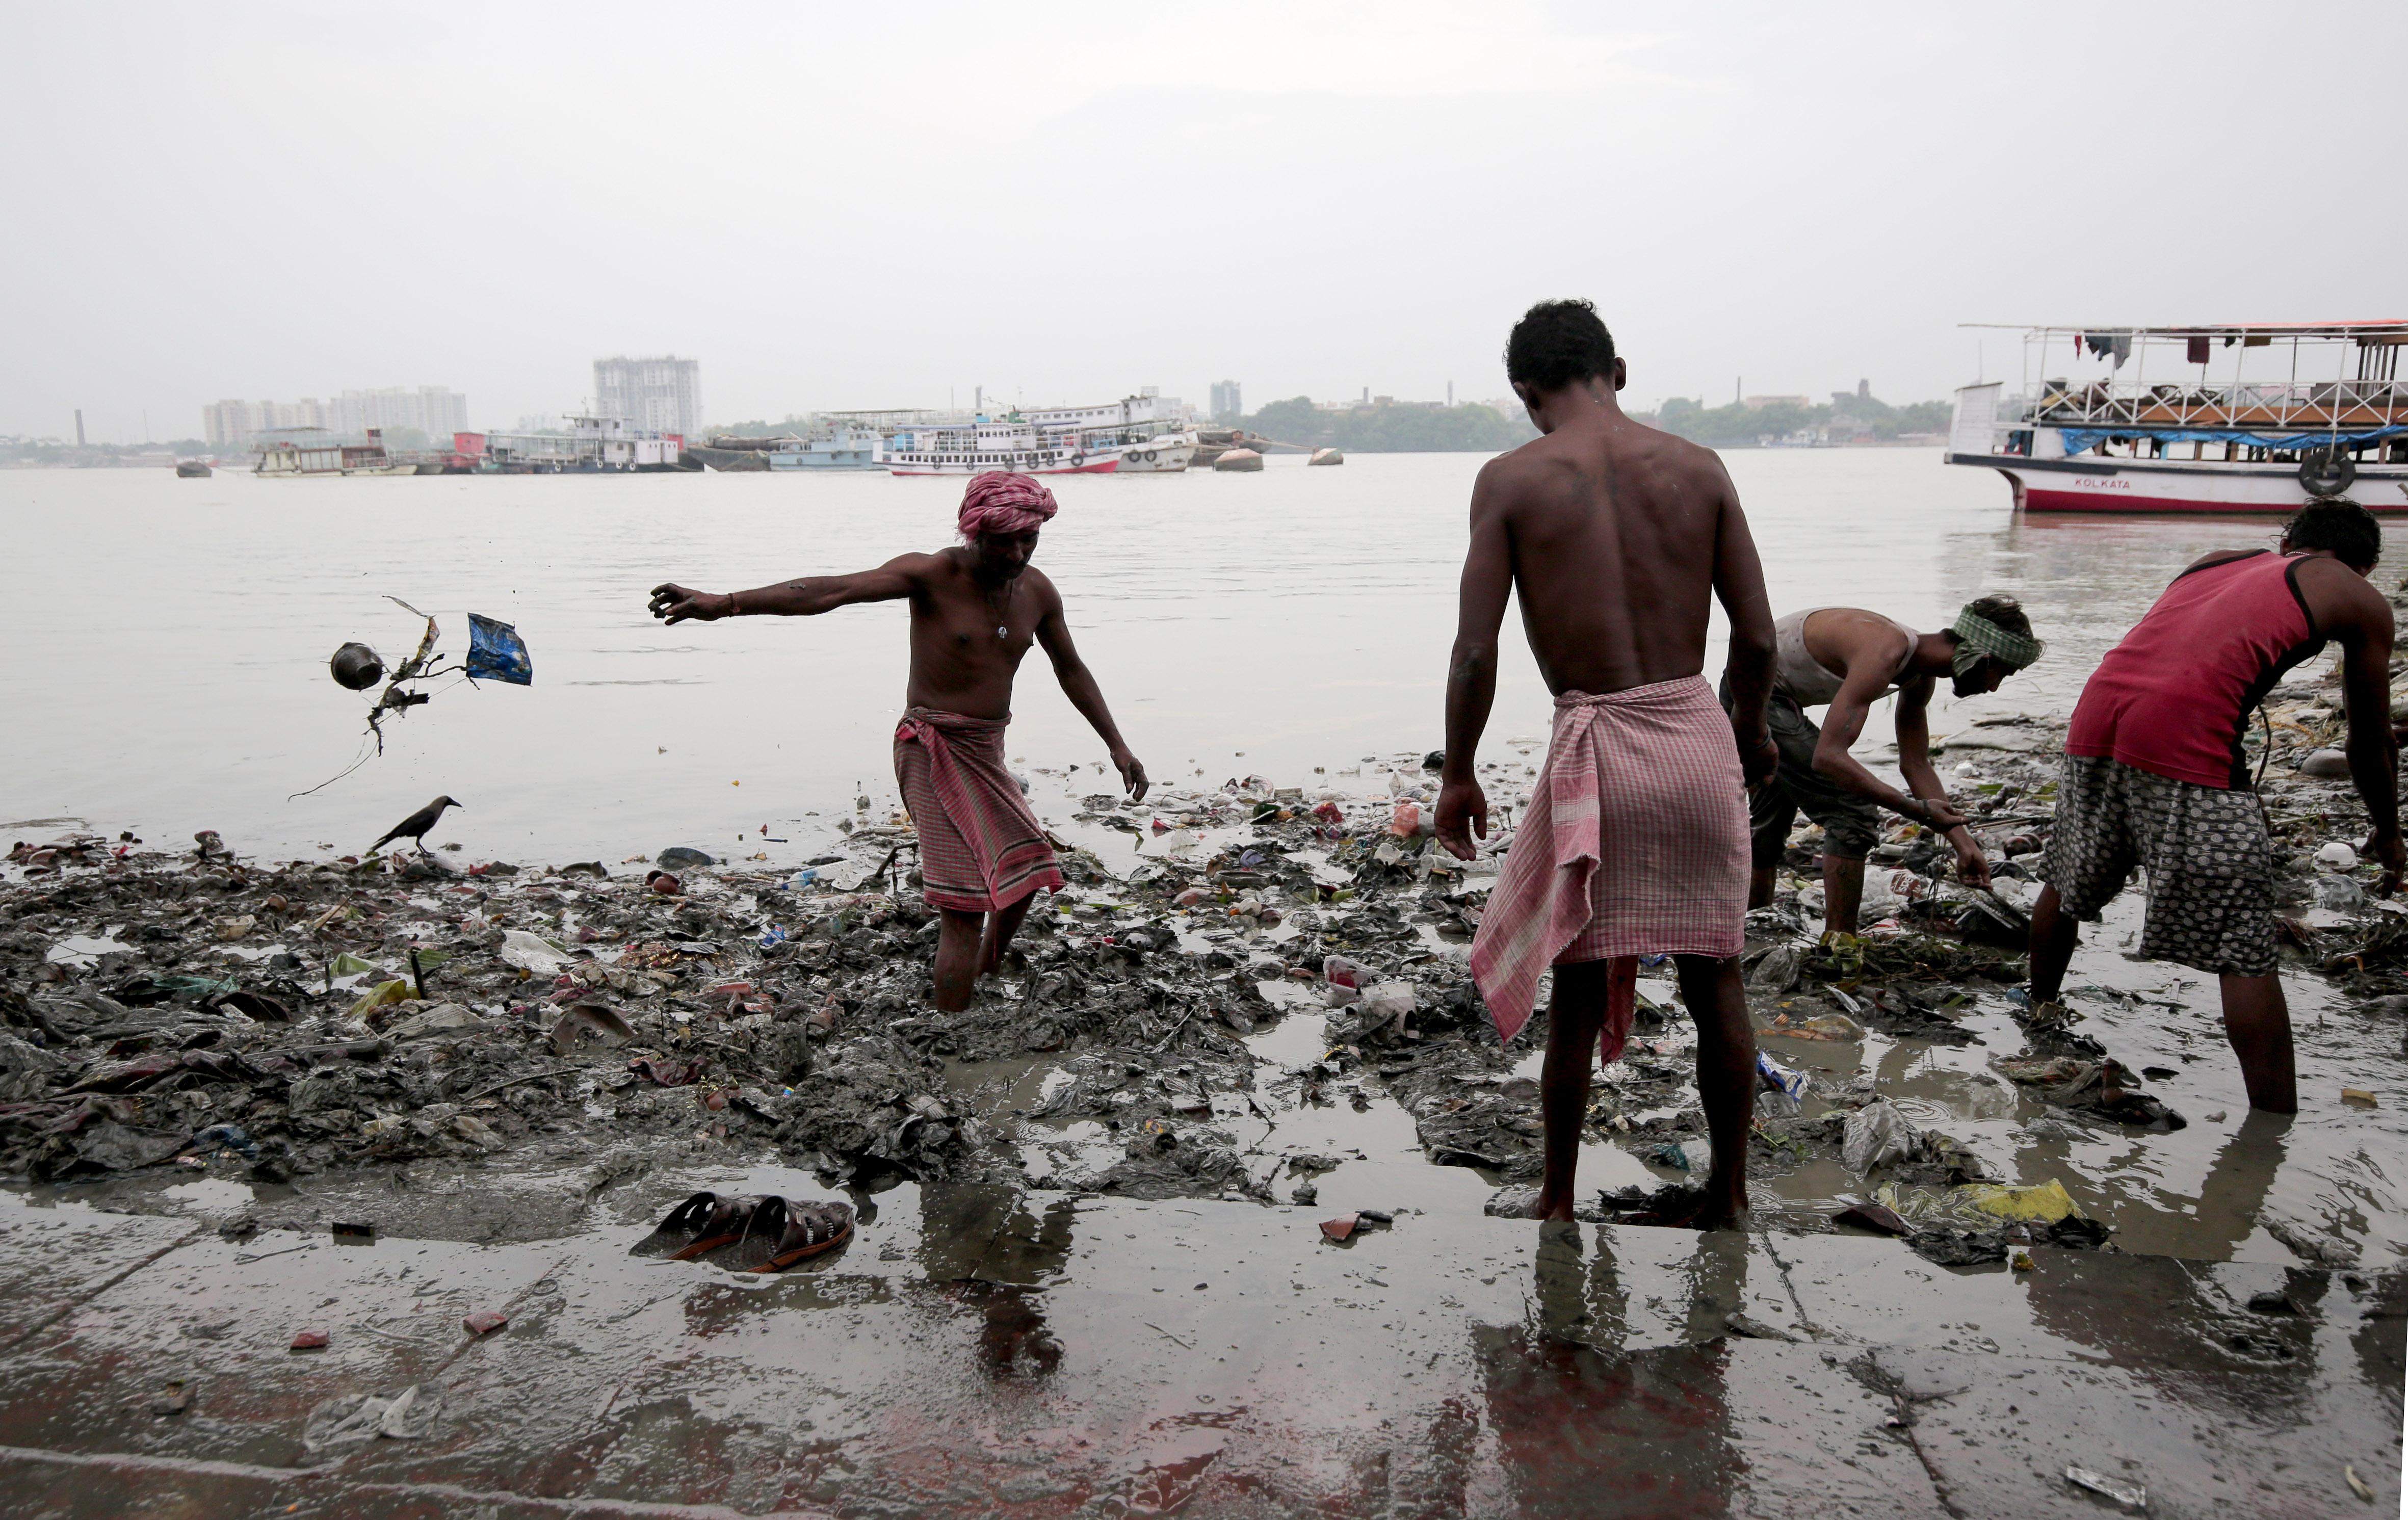 Mensen lopen door met plastic bezaaid water in India, een land waar de watercrisis ernstige gevolgen kent.